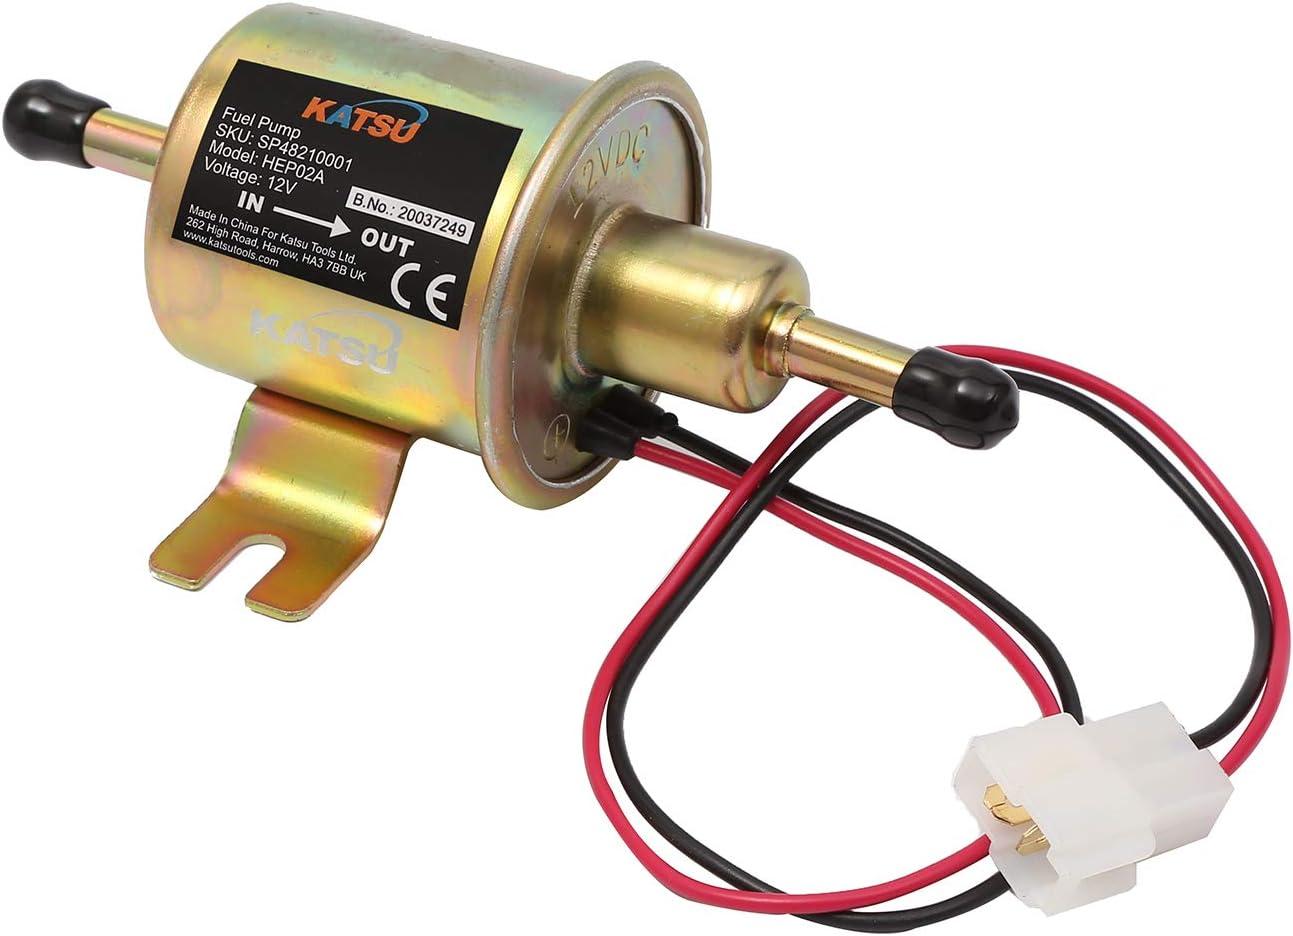 Pompe /à essence /électrique KATSU 12V Pompe /à carburant en ligne universelle basse pression